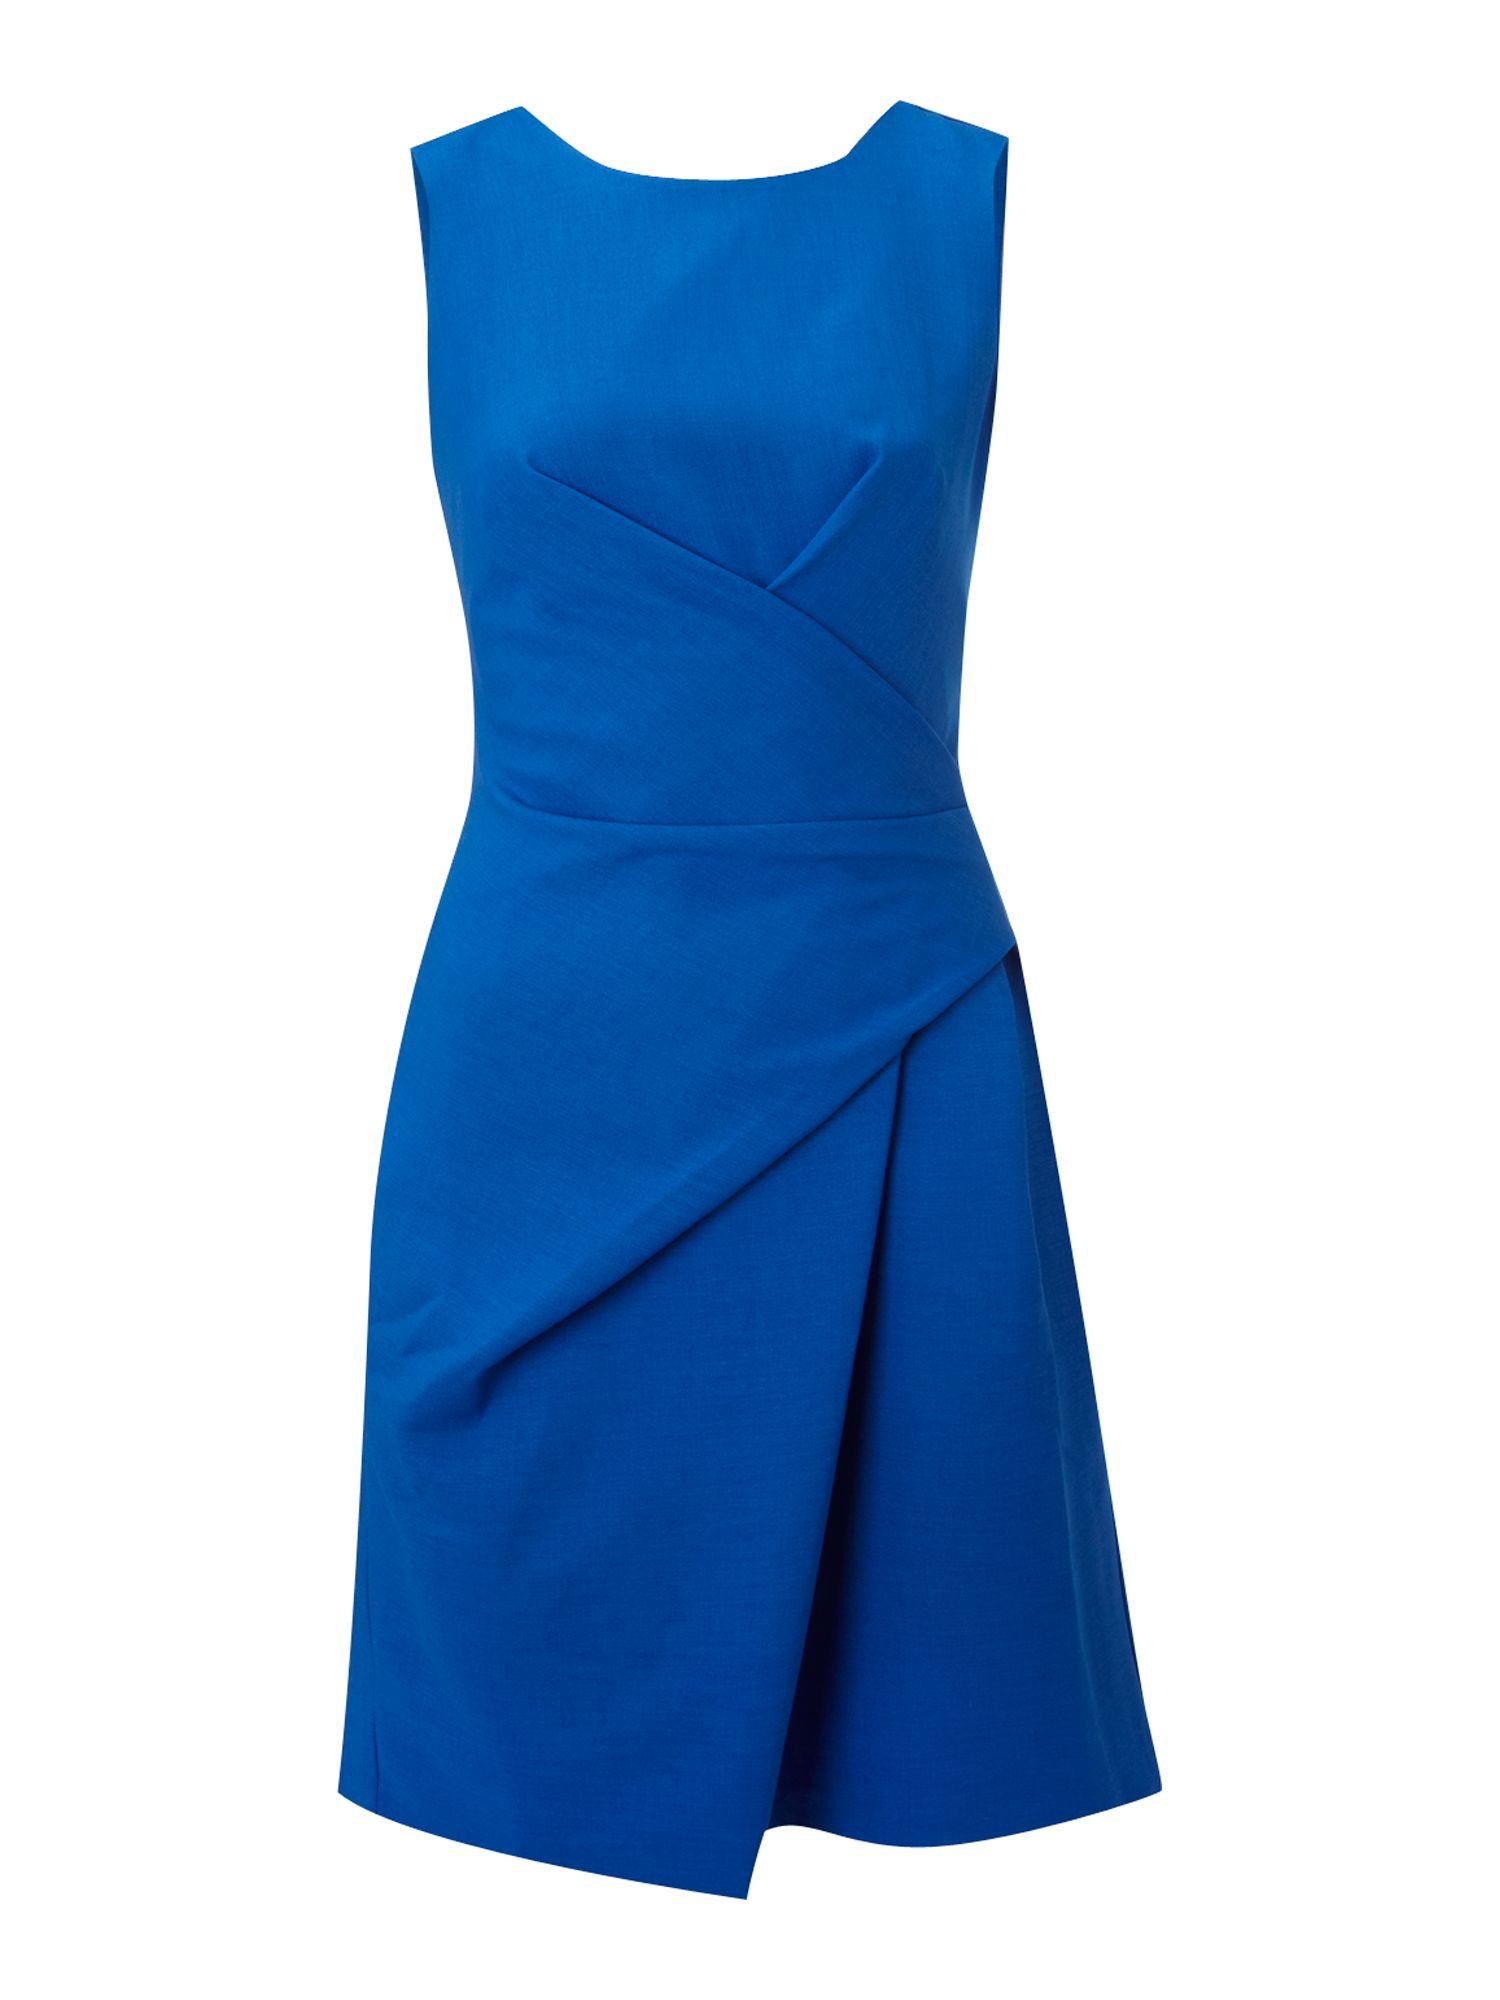 Vivi Boutique Vivi Boutique Ruched Shift Dress In Blue